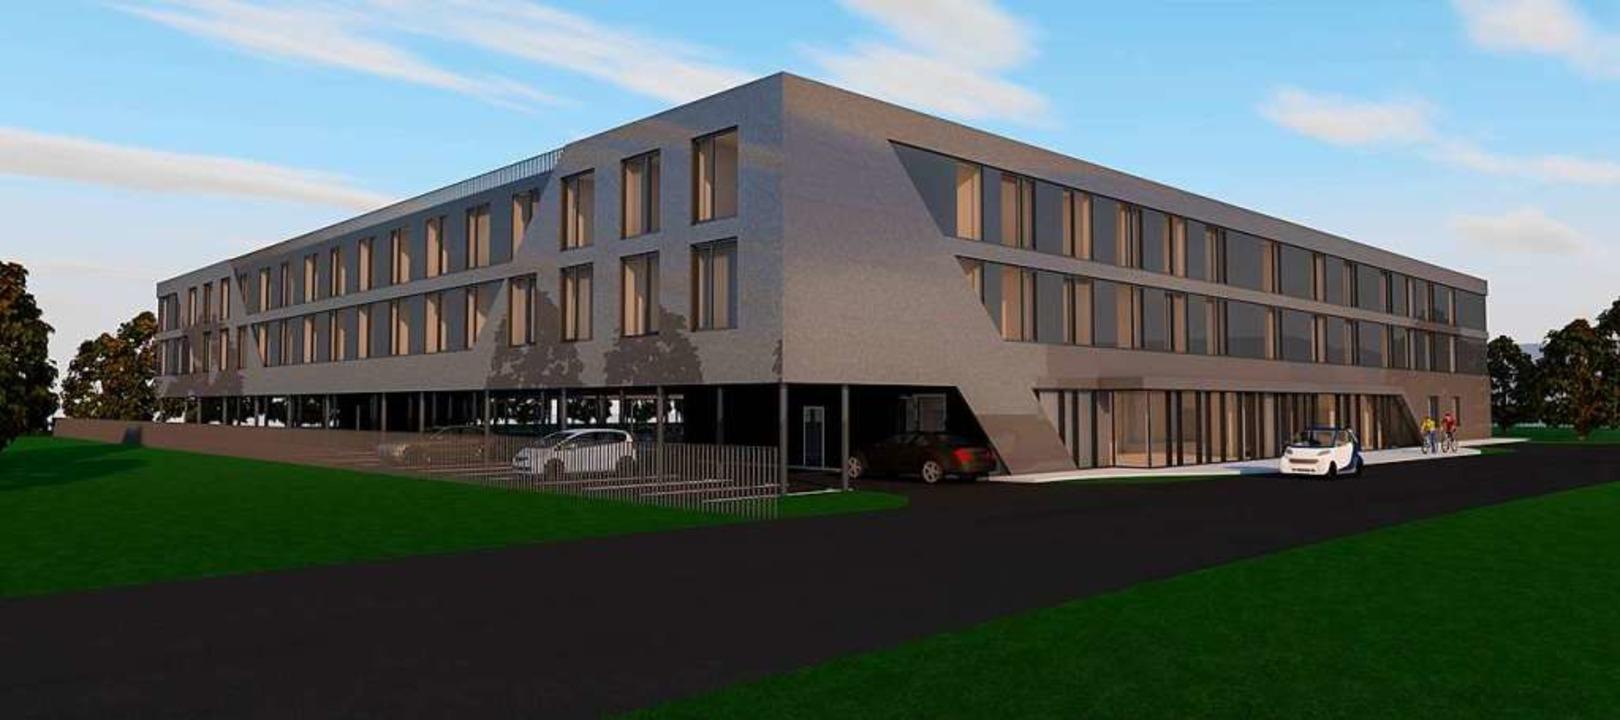 Blauen Himmel über Ettenheim gibt es schon, das Hotelprojekt soll noch kommen.  | Foto: Visualisierung: Marggraf Architektur Esslingen